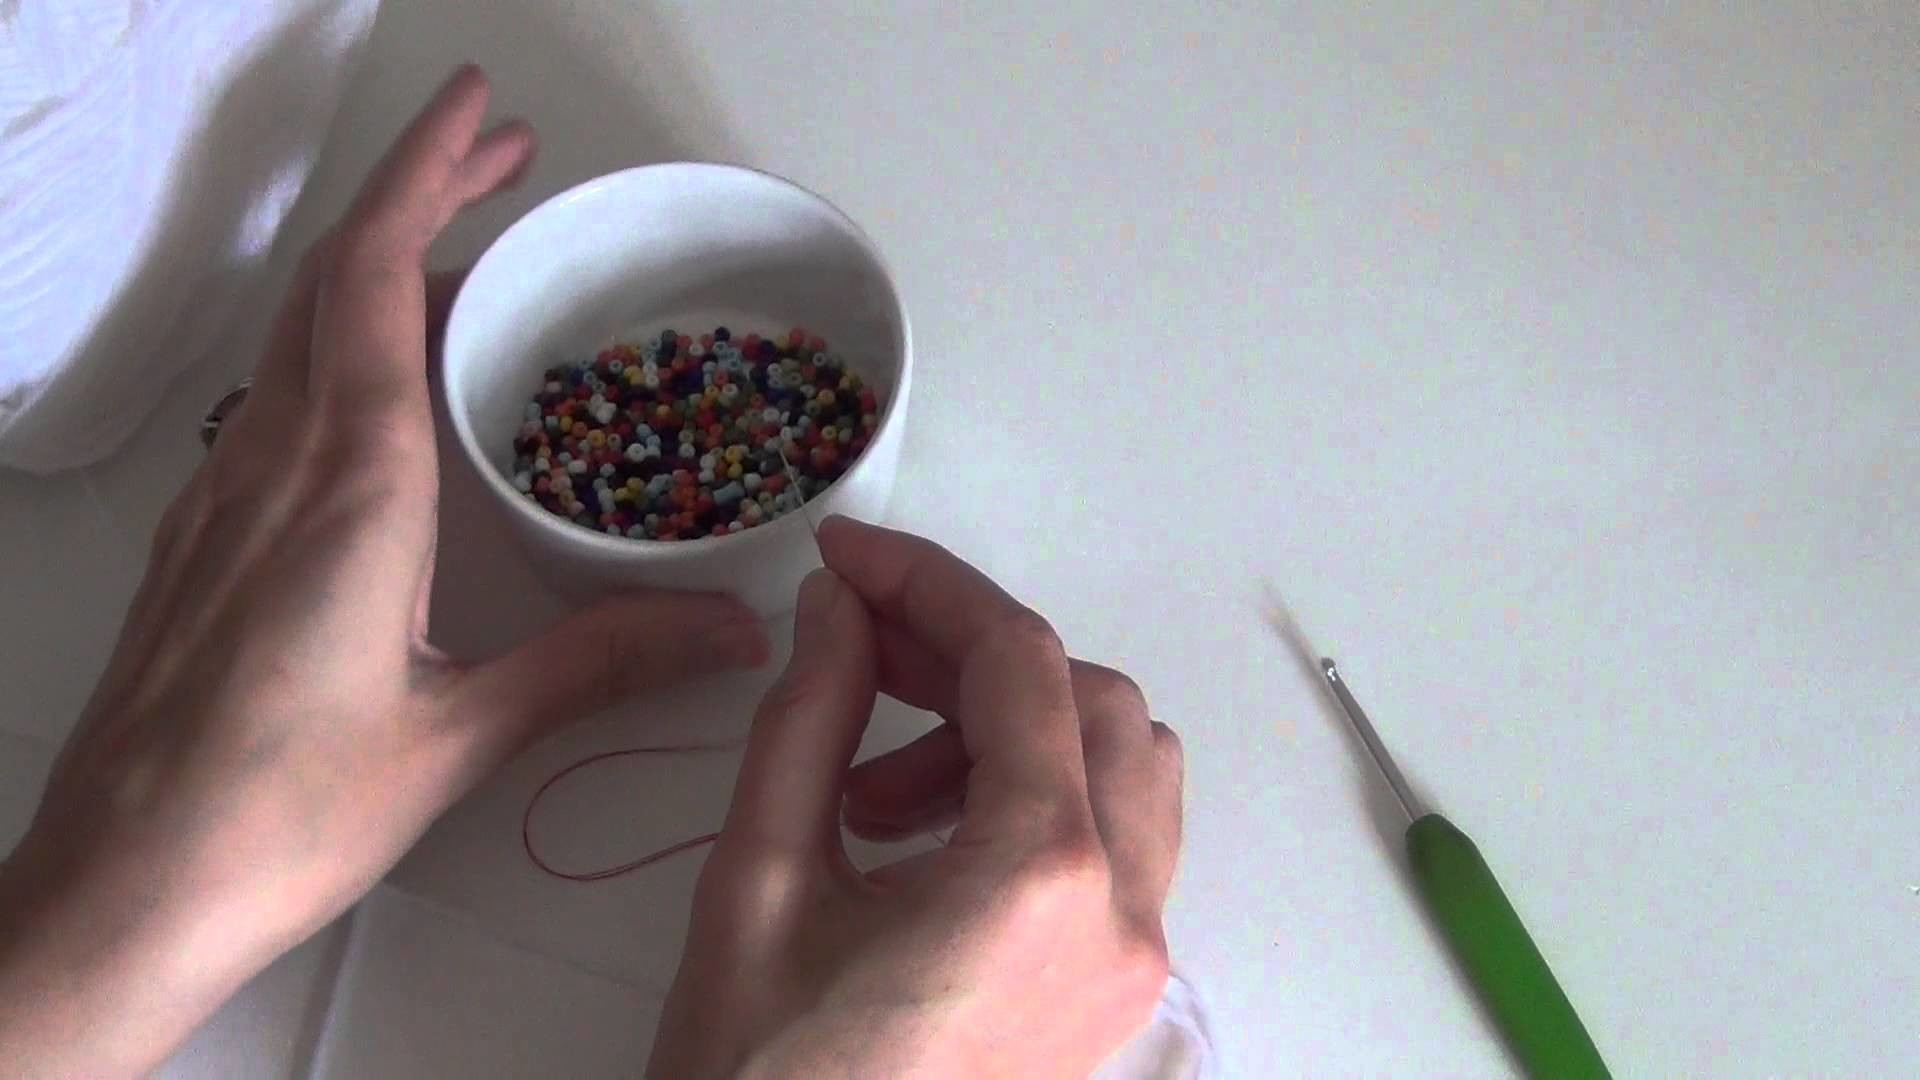 How to thread seed beads onto yarn